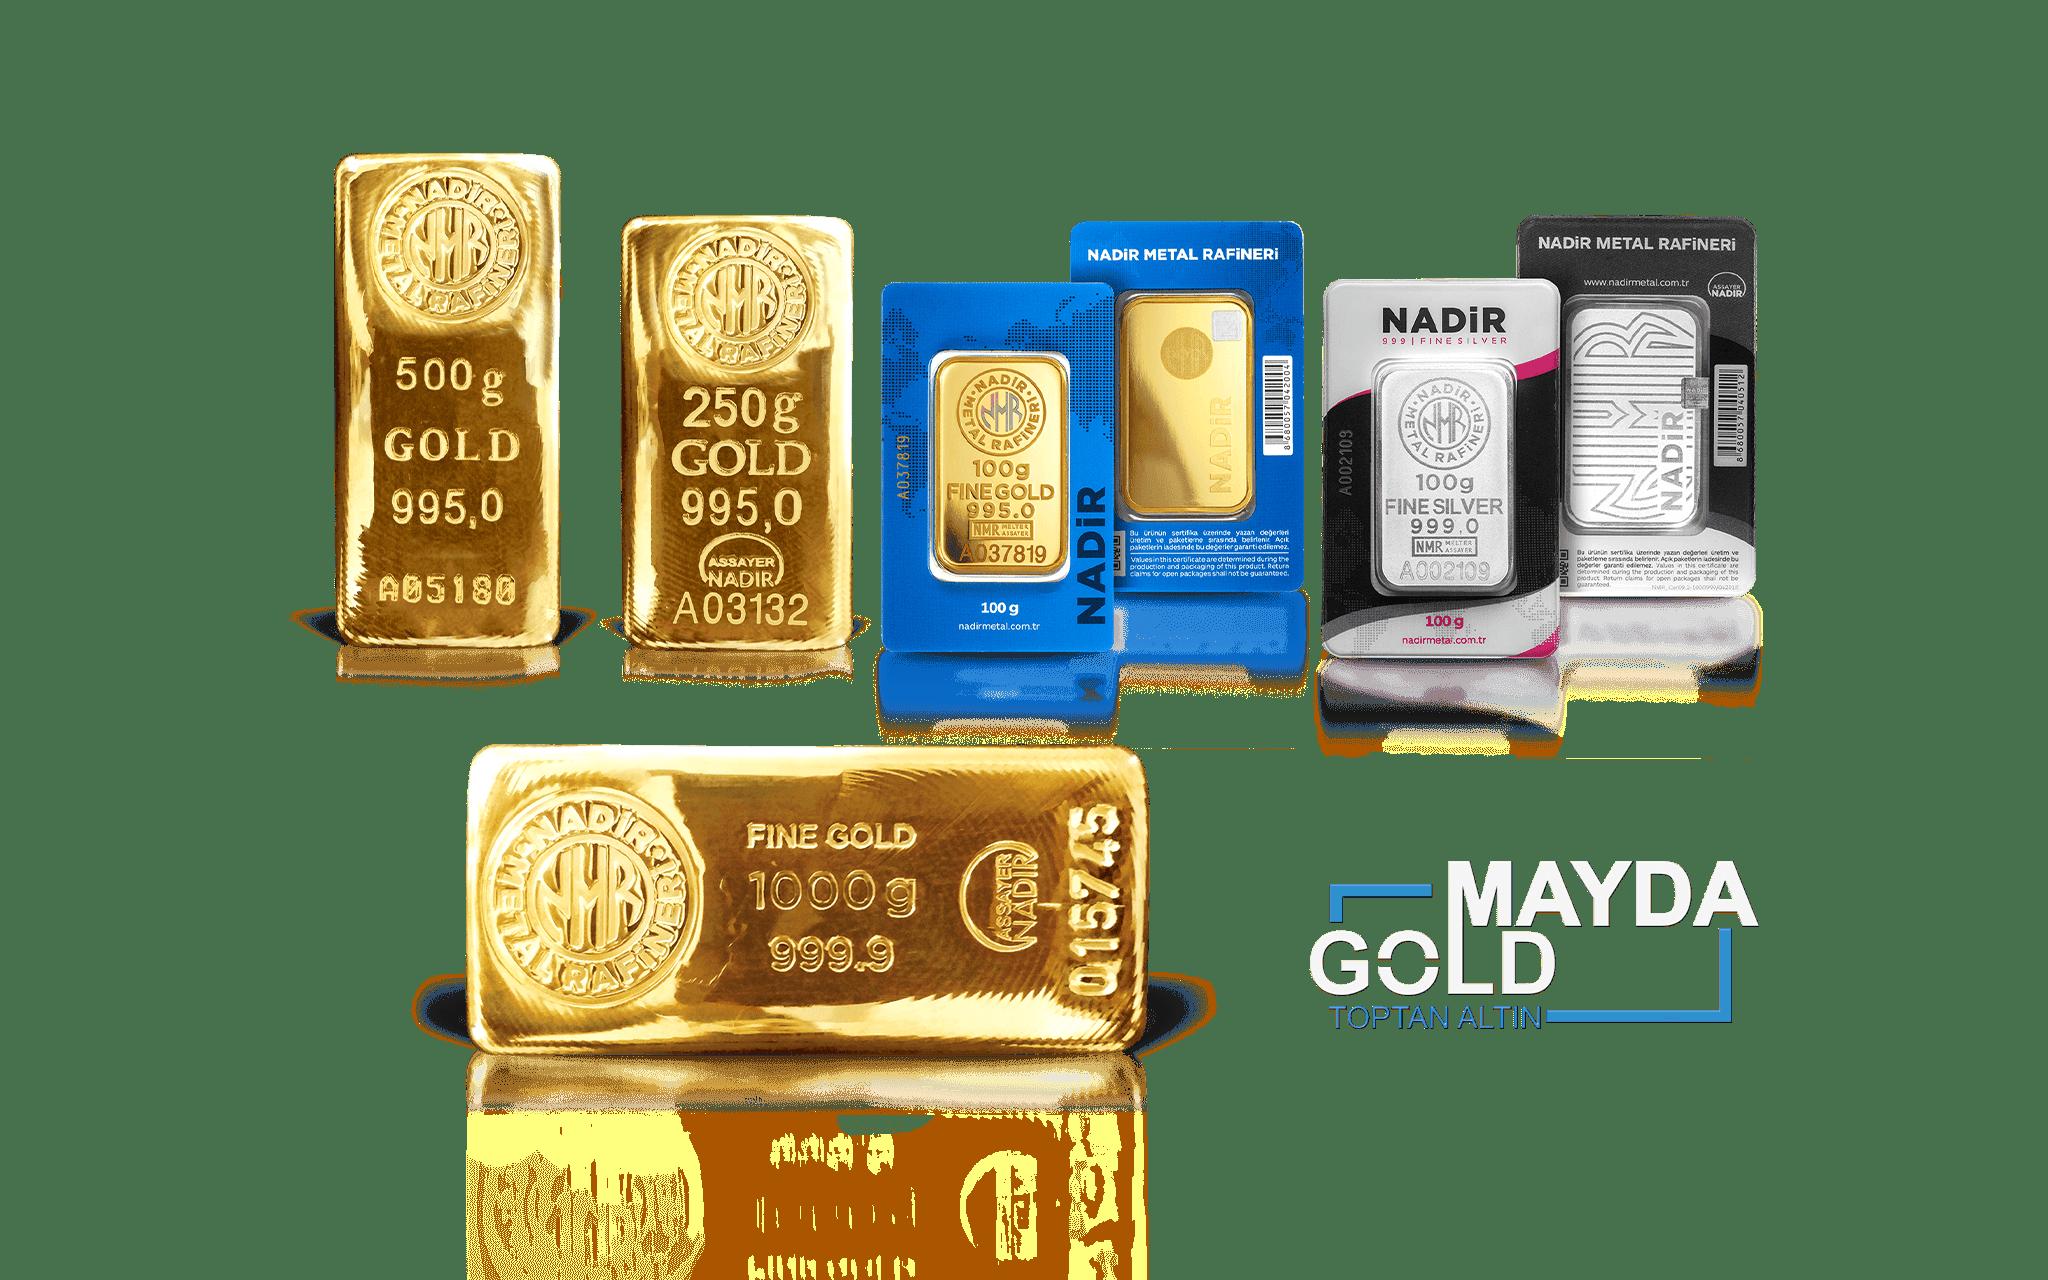 Mayda Gold Slayt